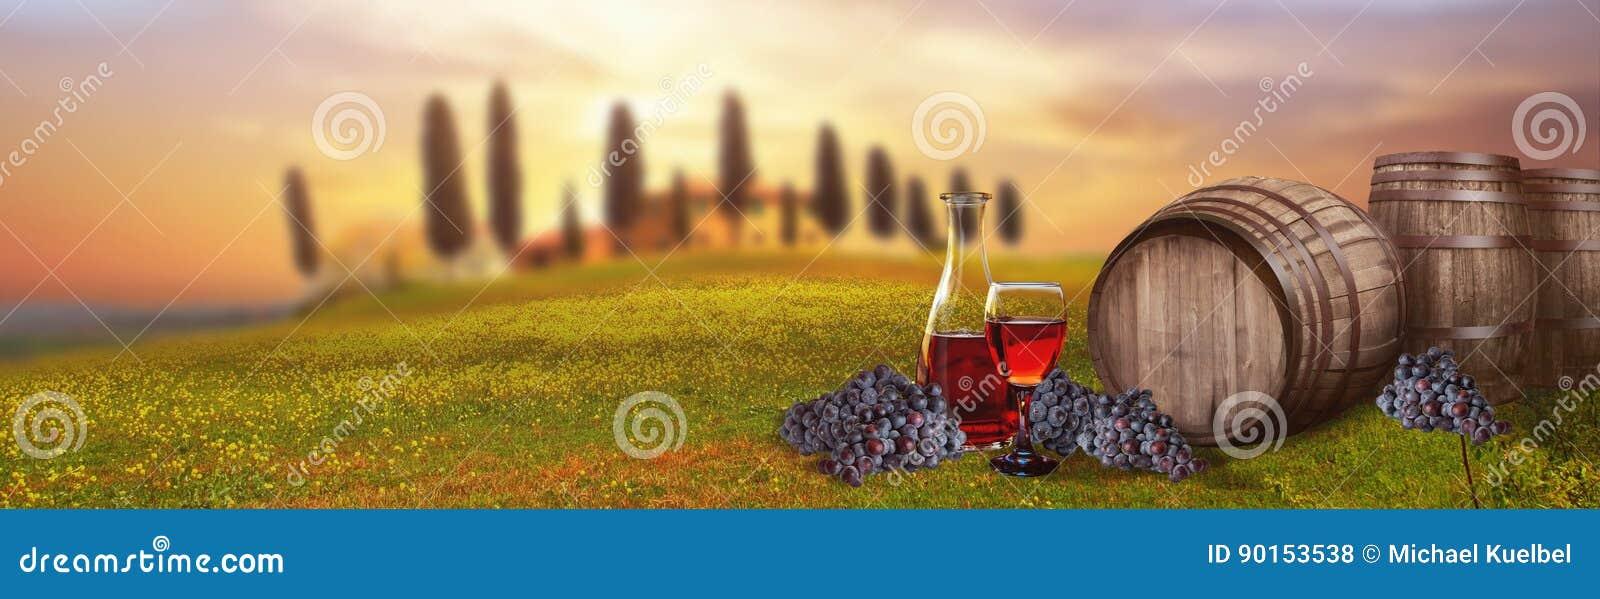 Barilotto del vino rosso contro paesaggio toscano Italia